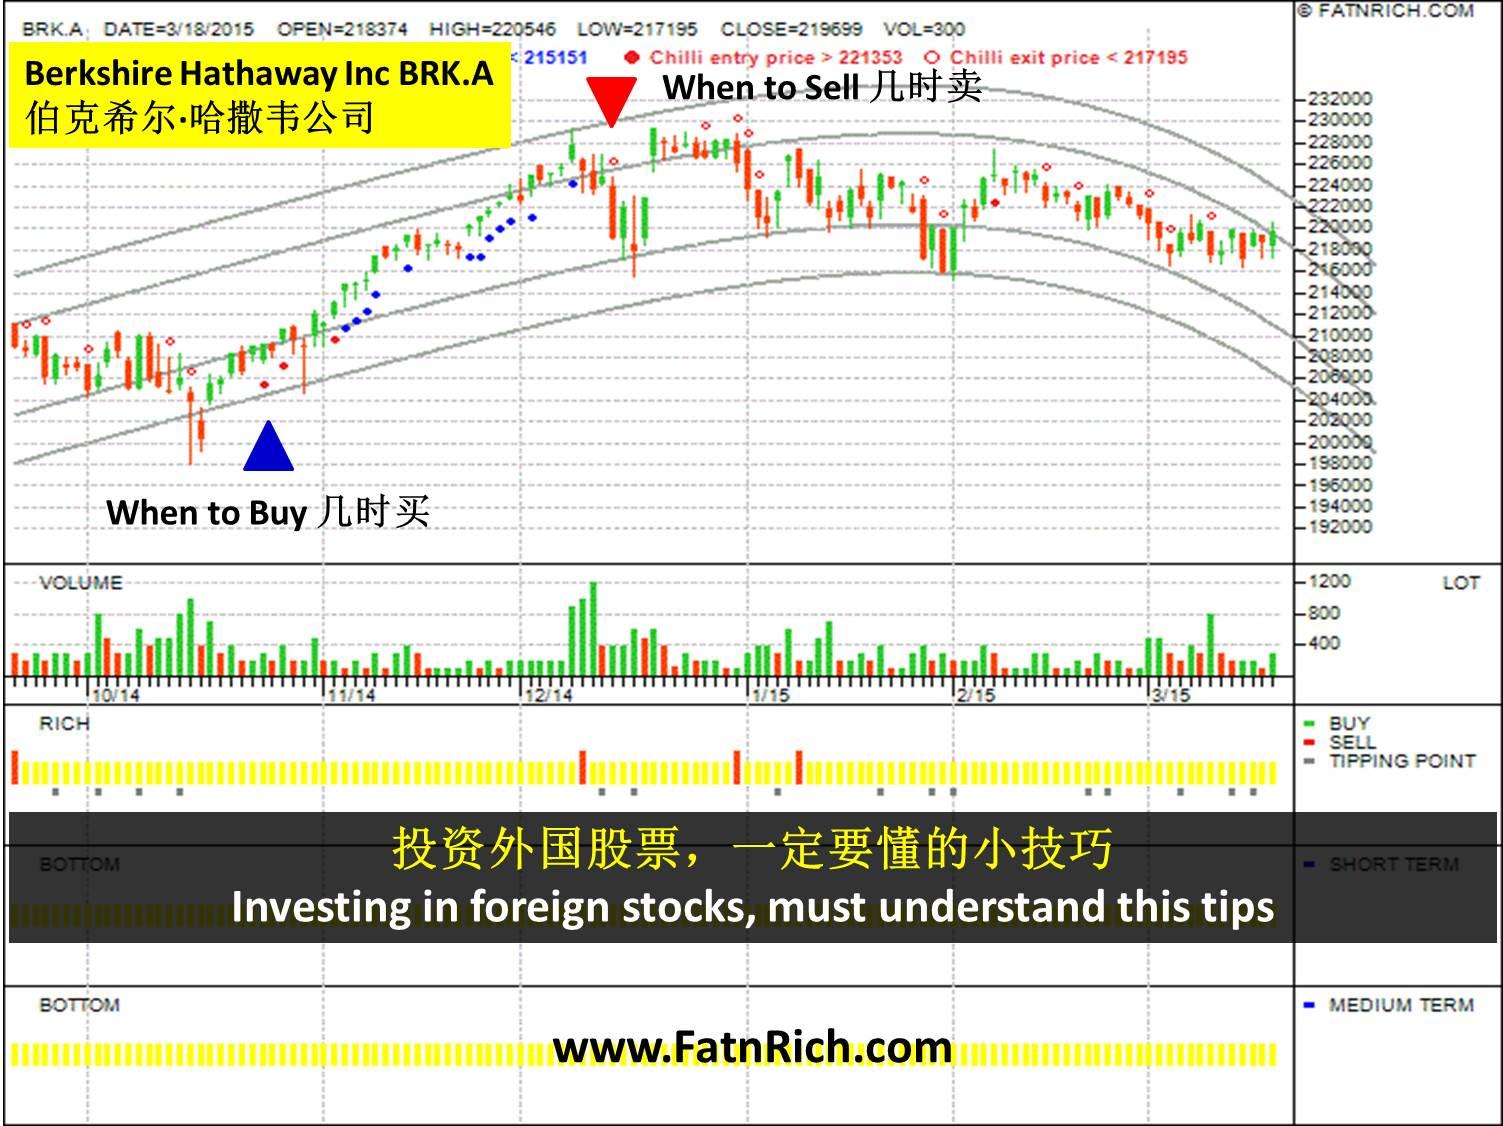 NYSE 伯克希尔·哈撒韦公司 Berkshire Hathaway Inc BRK.A